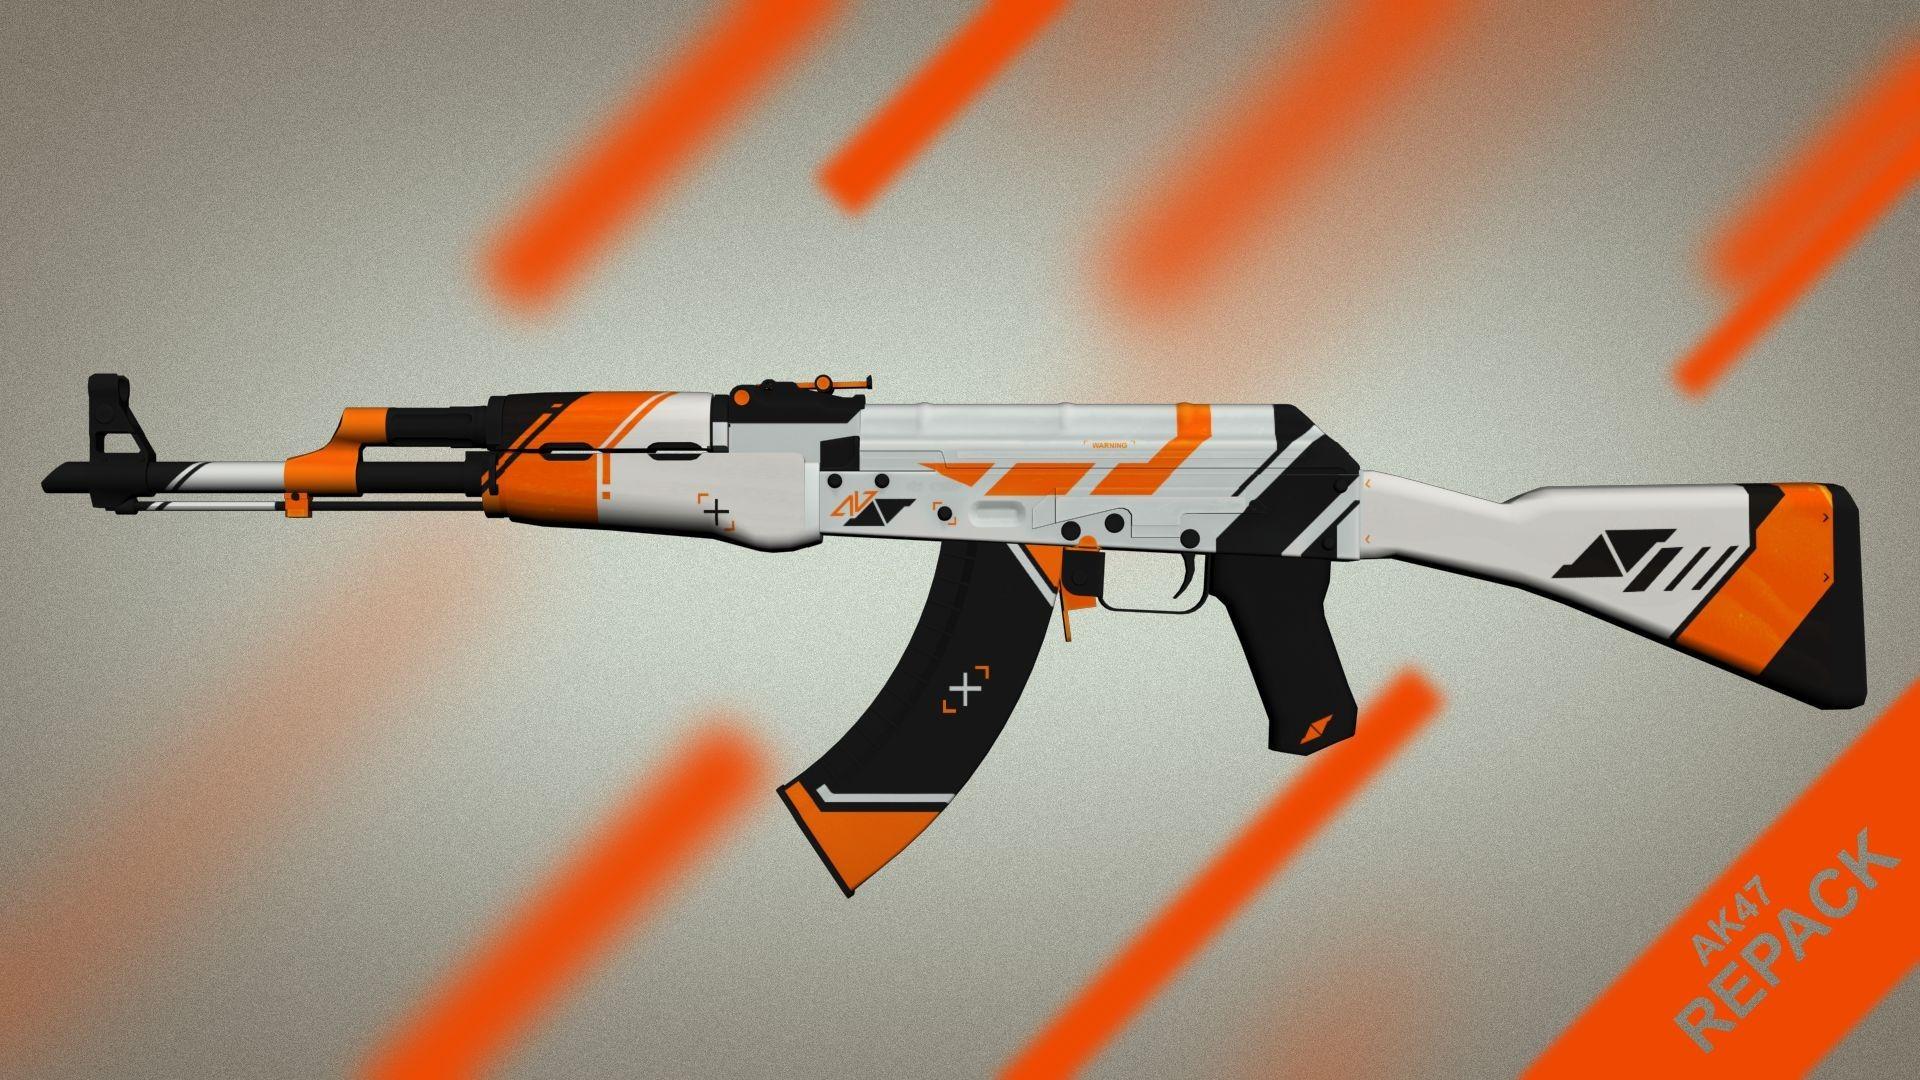 Купить CS:GO Случайное АК-47 cs:go (предмет csgo)+БОНУС